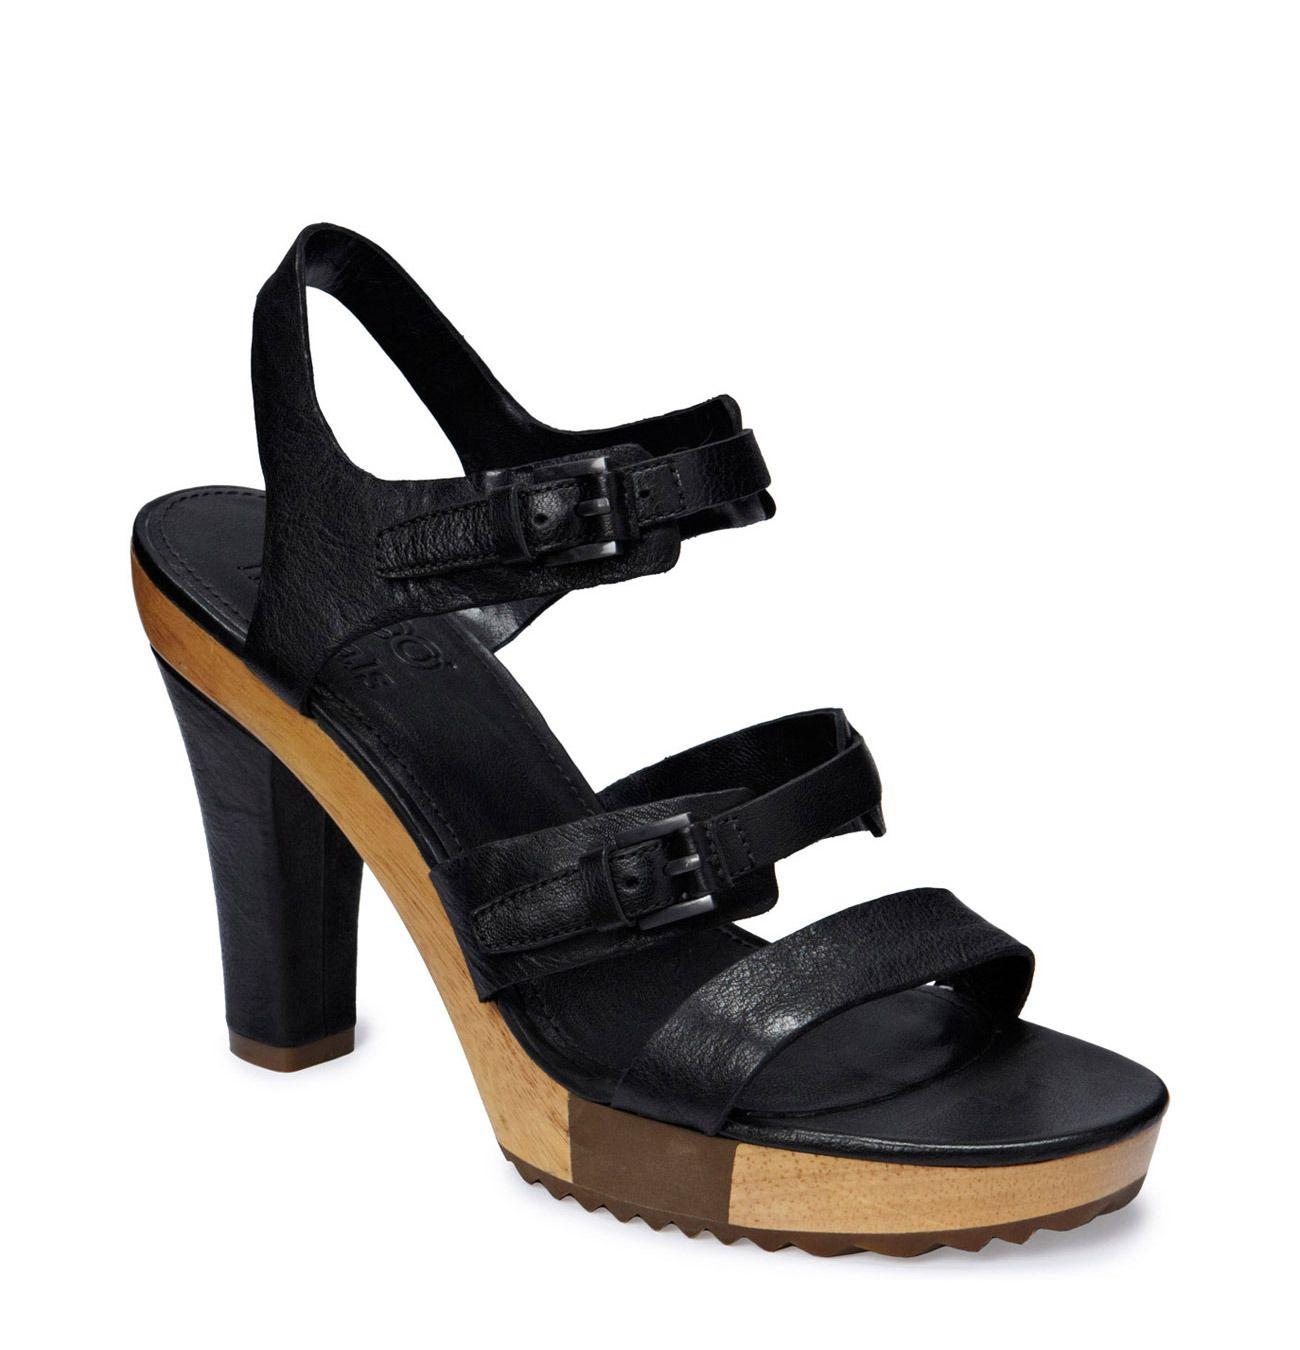 Ecco Mora sandal